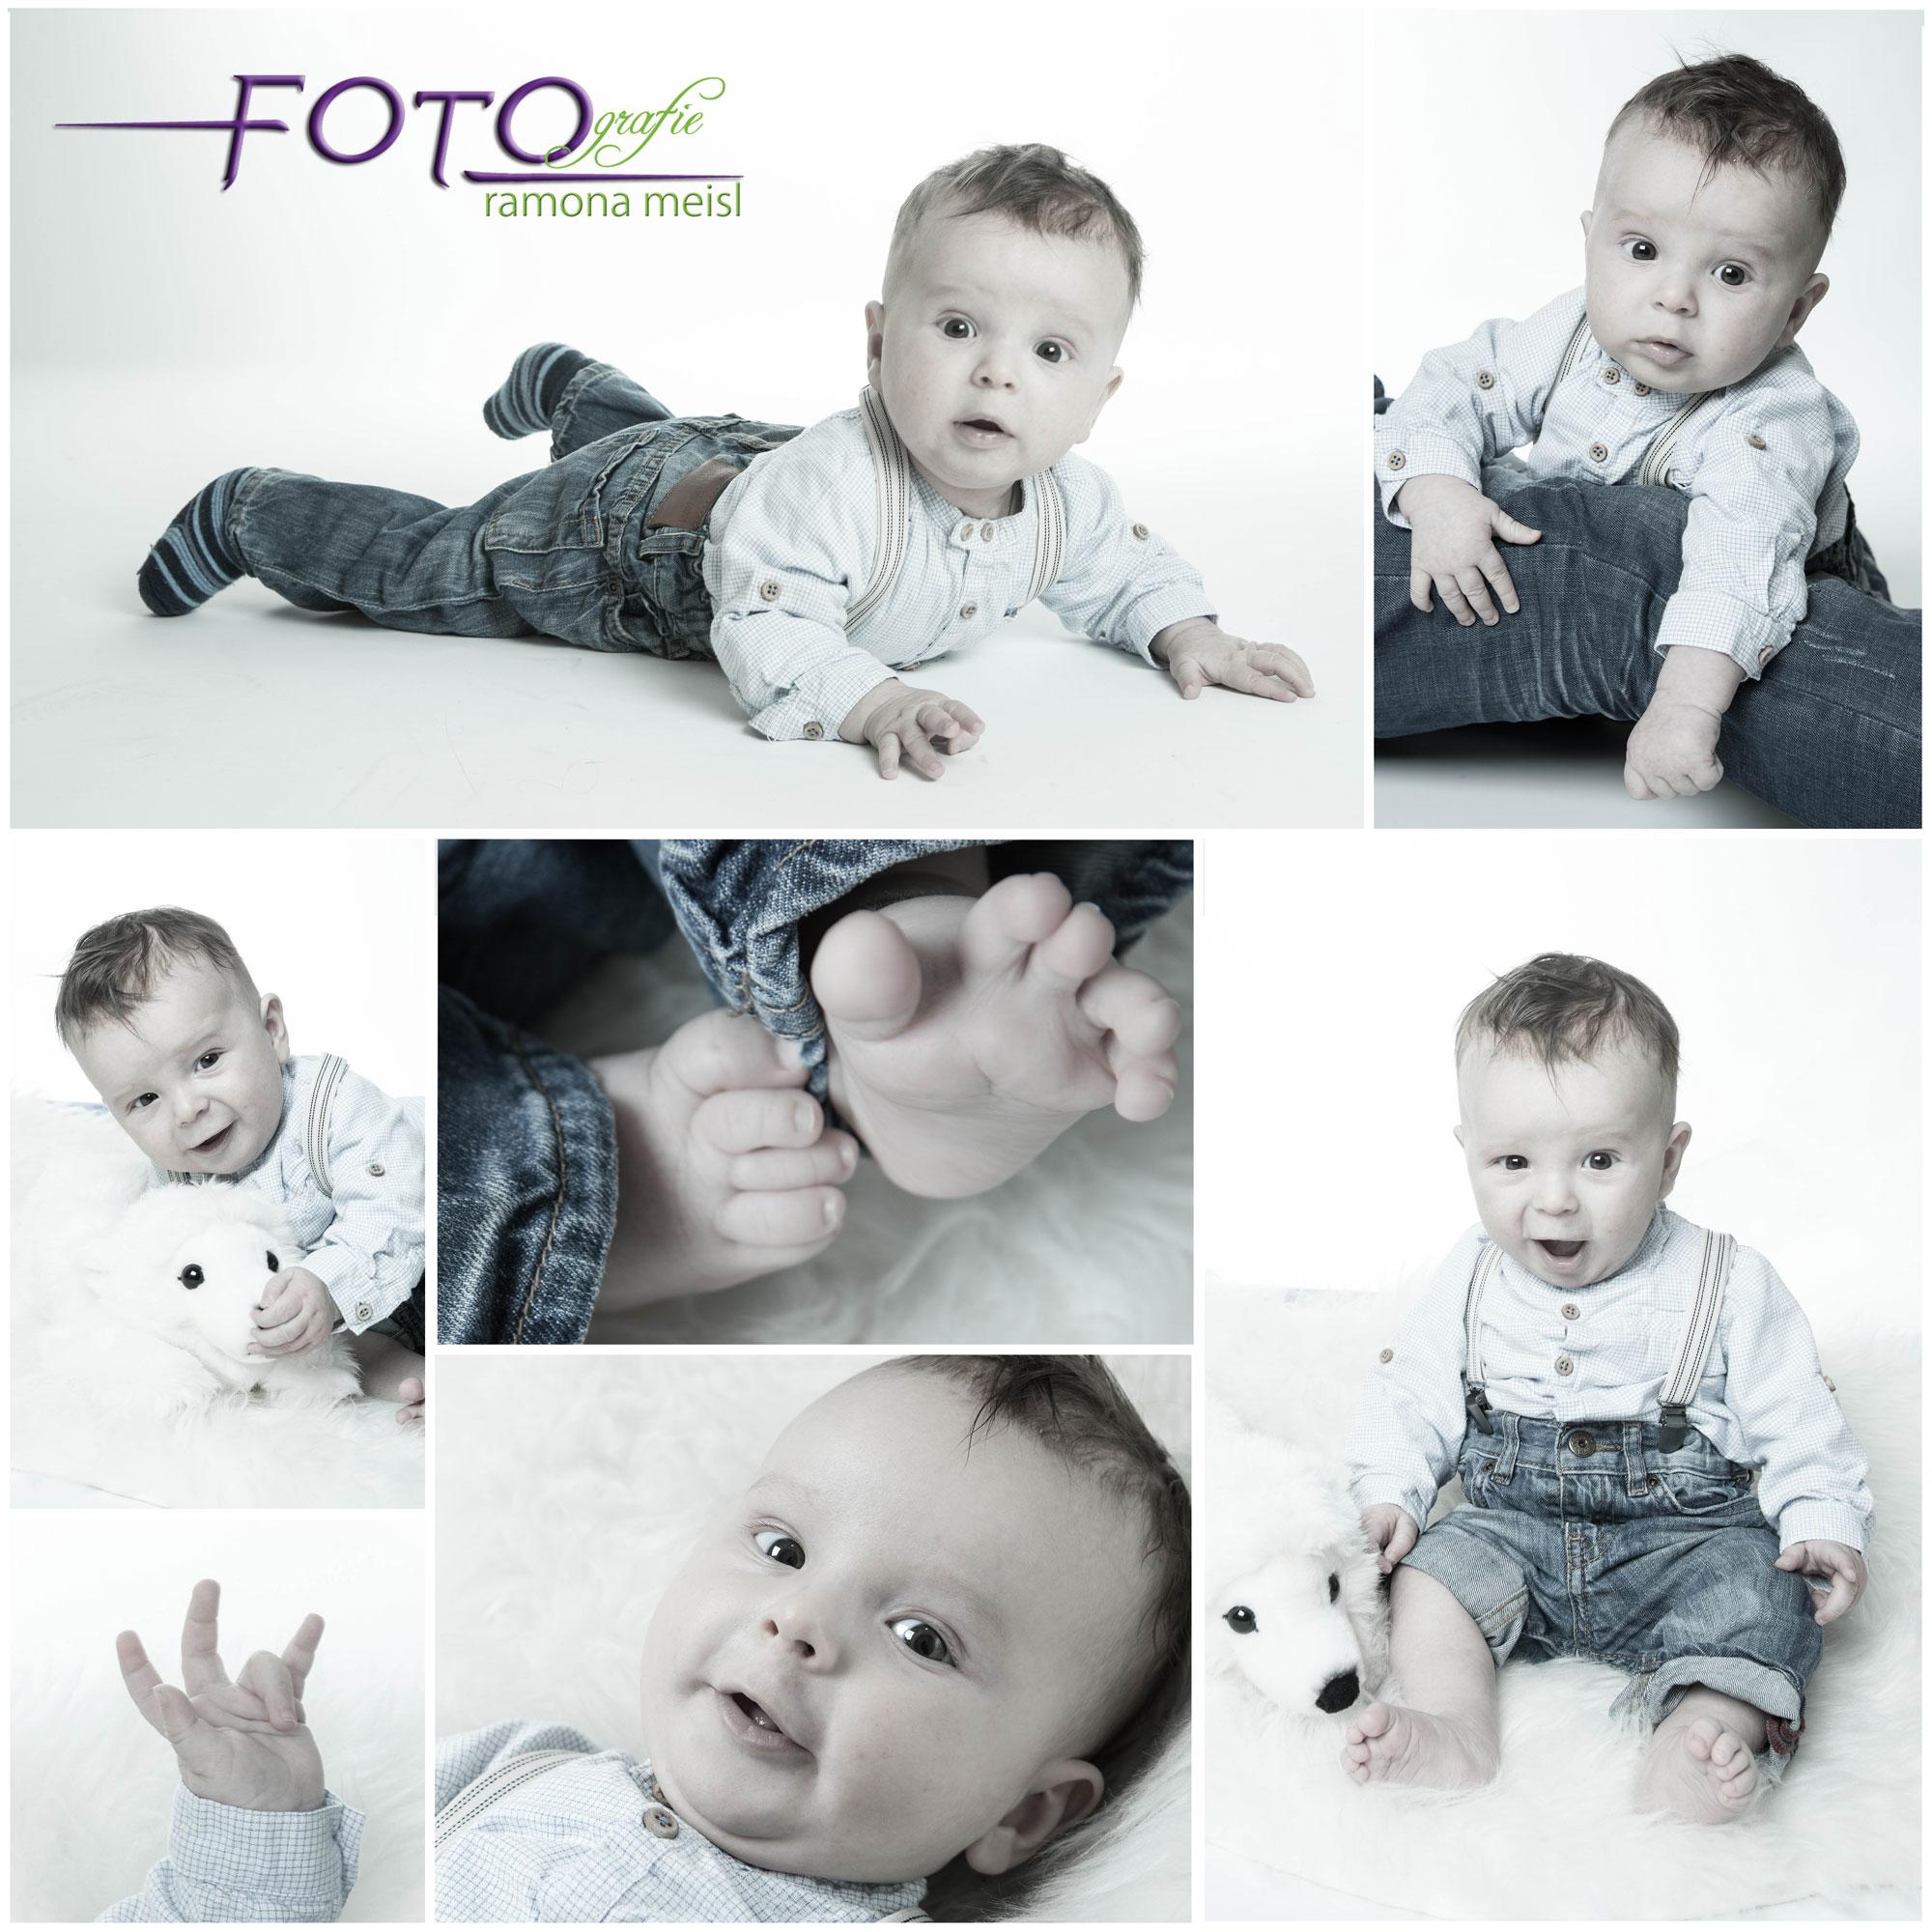 Babybilder, Babyfotos, Kleinkinder Portraits, Fotografie Holzkirchen, Fotografie Valley, Fotografie Meisl